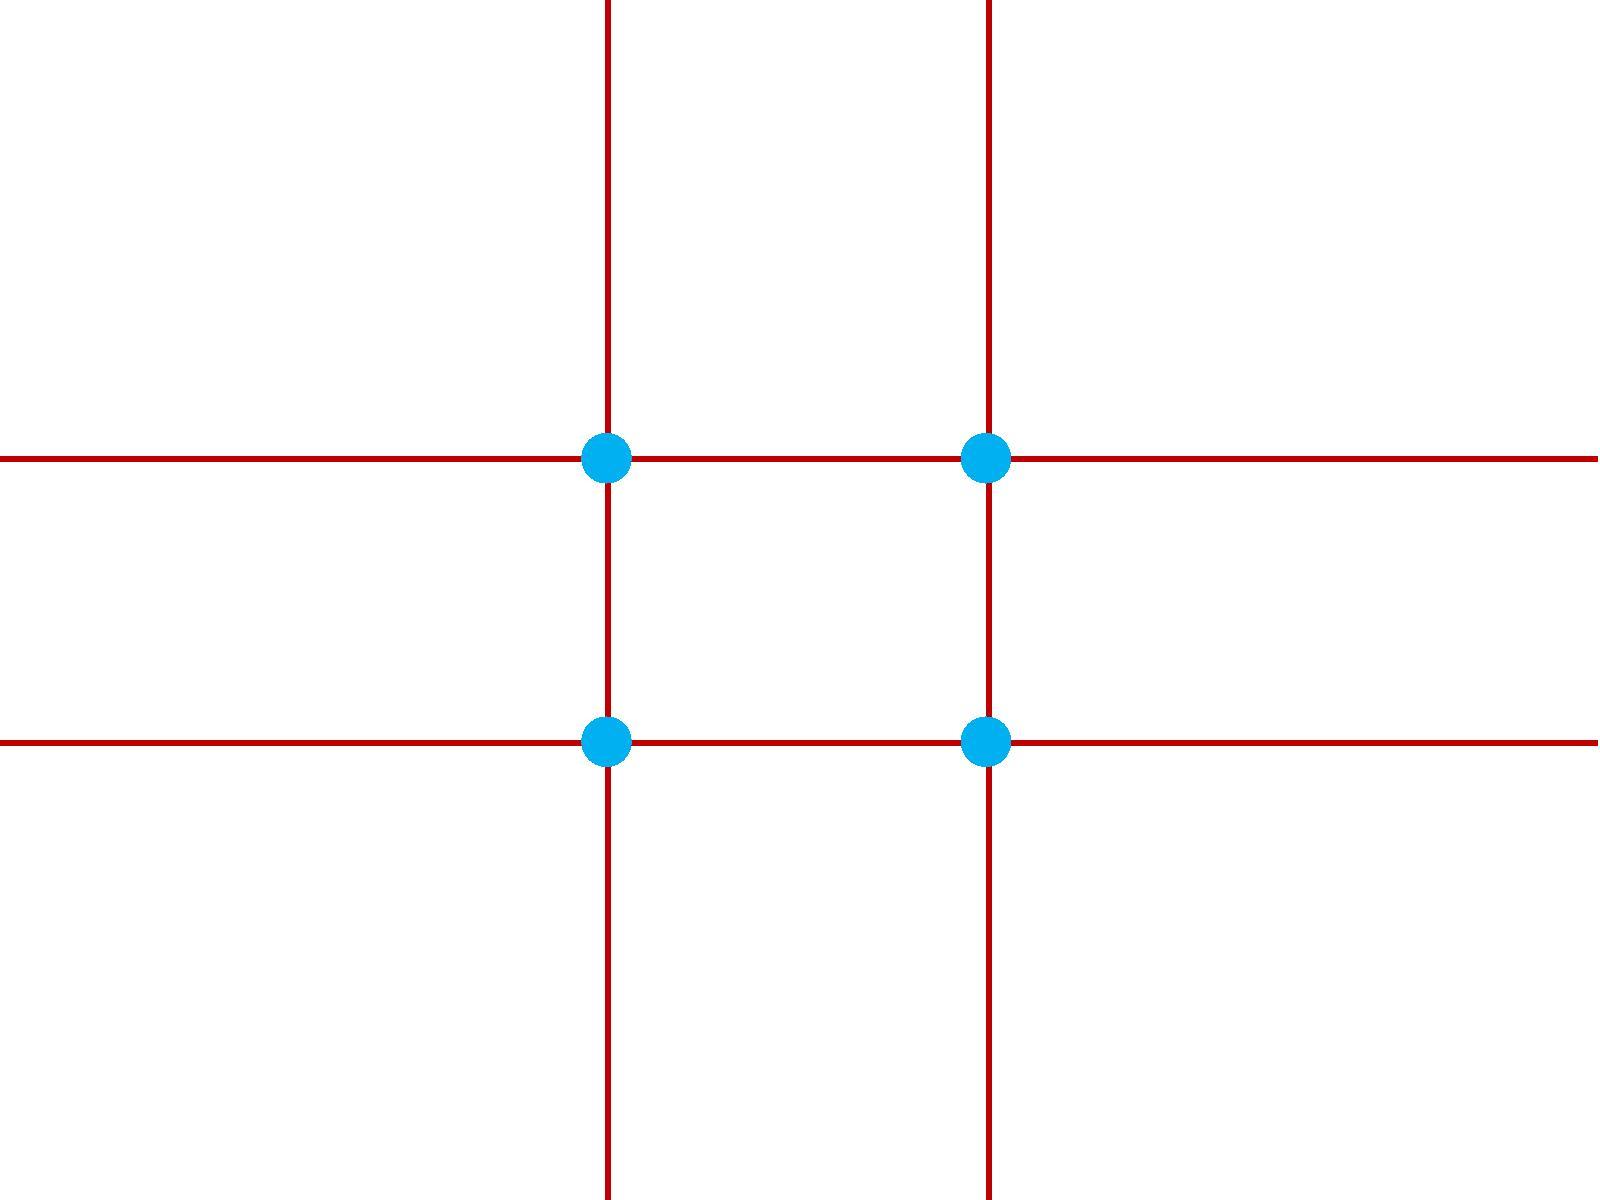 Как сделать из прямоугольника 4 на 9 сделать квадрат